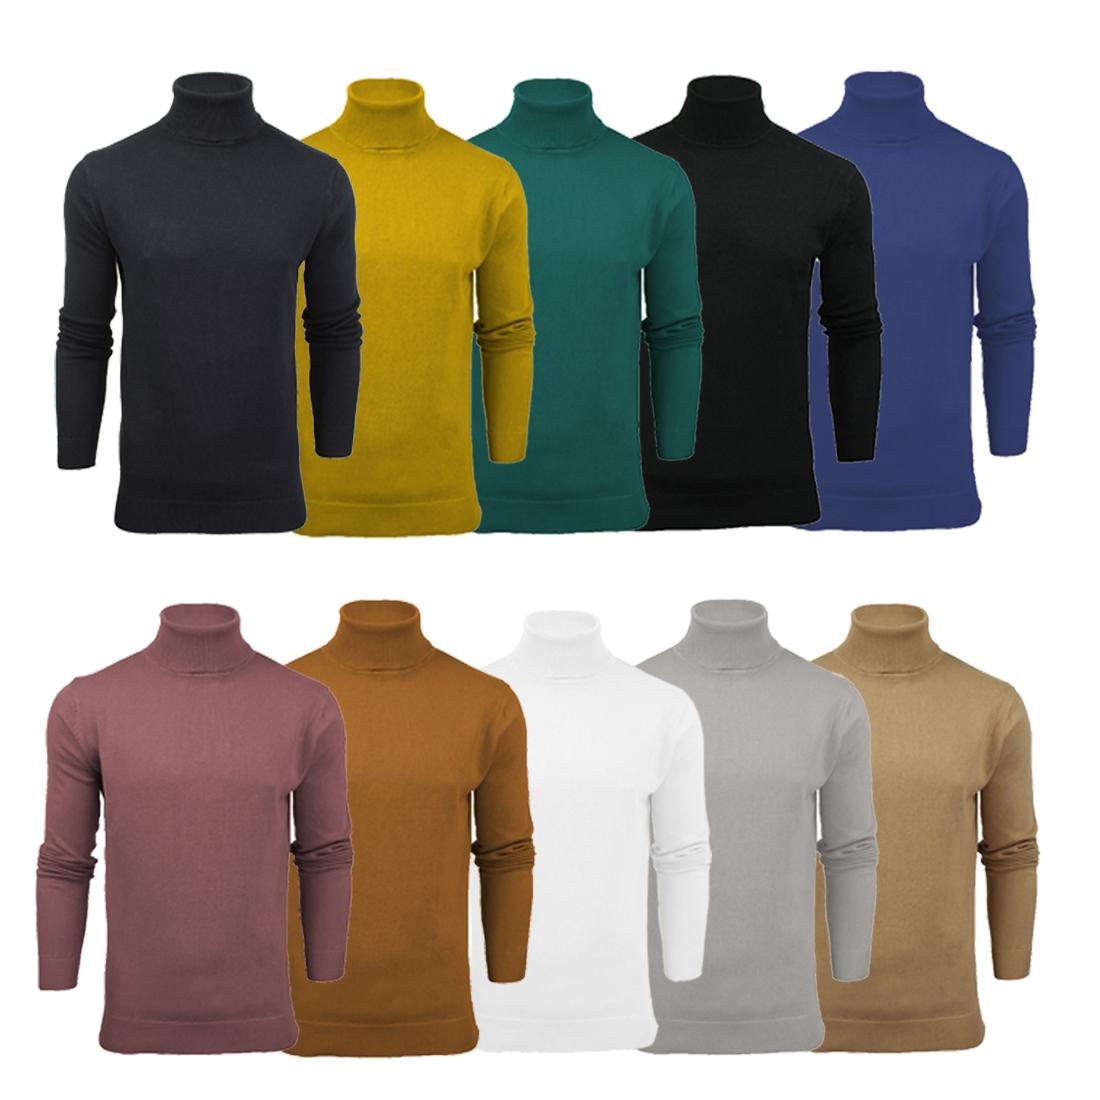 c95292e91ff Details about Mens Jumper Designer Knitted Funnel High Roll Neck Cotton  Jumper Brave Soul XL L